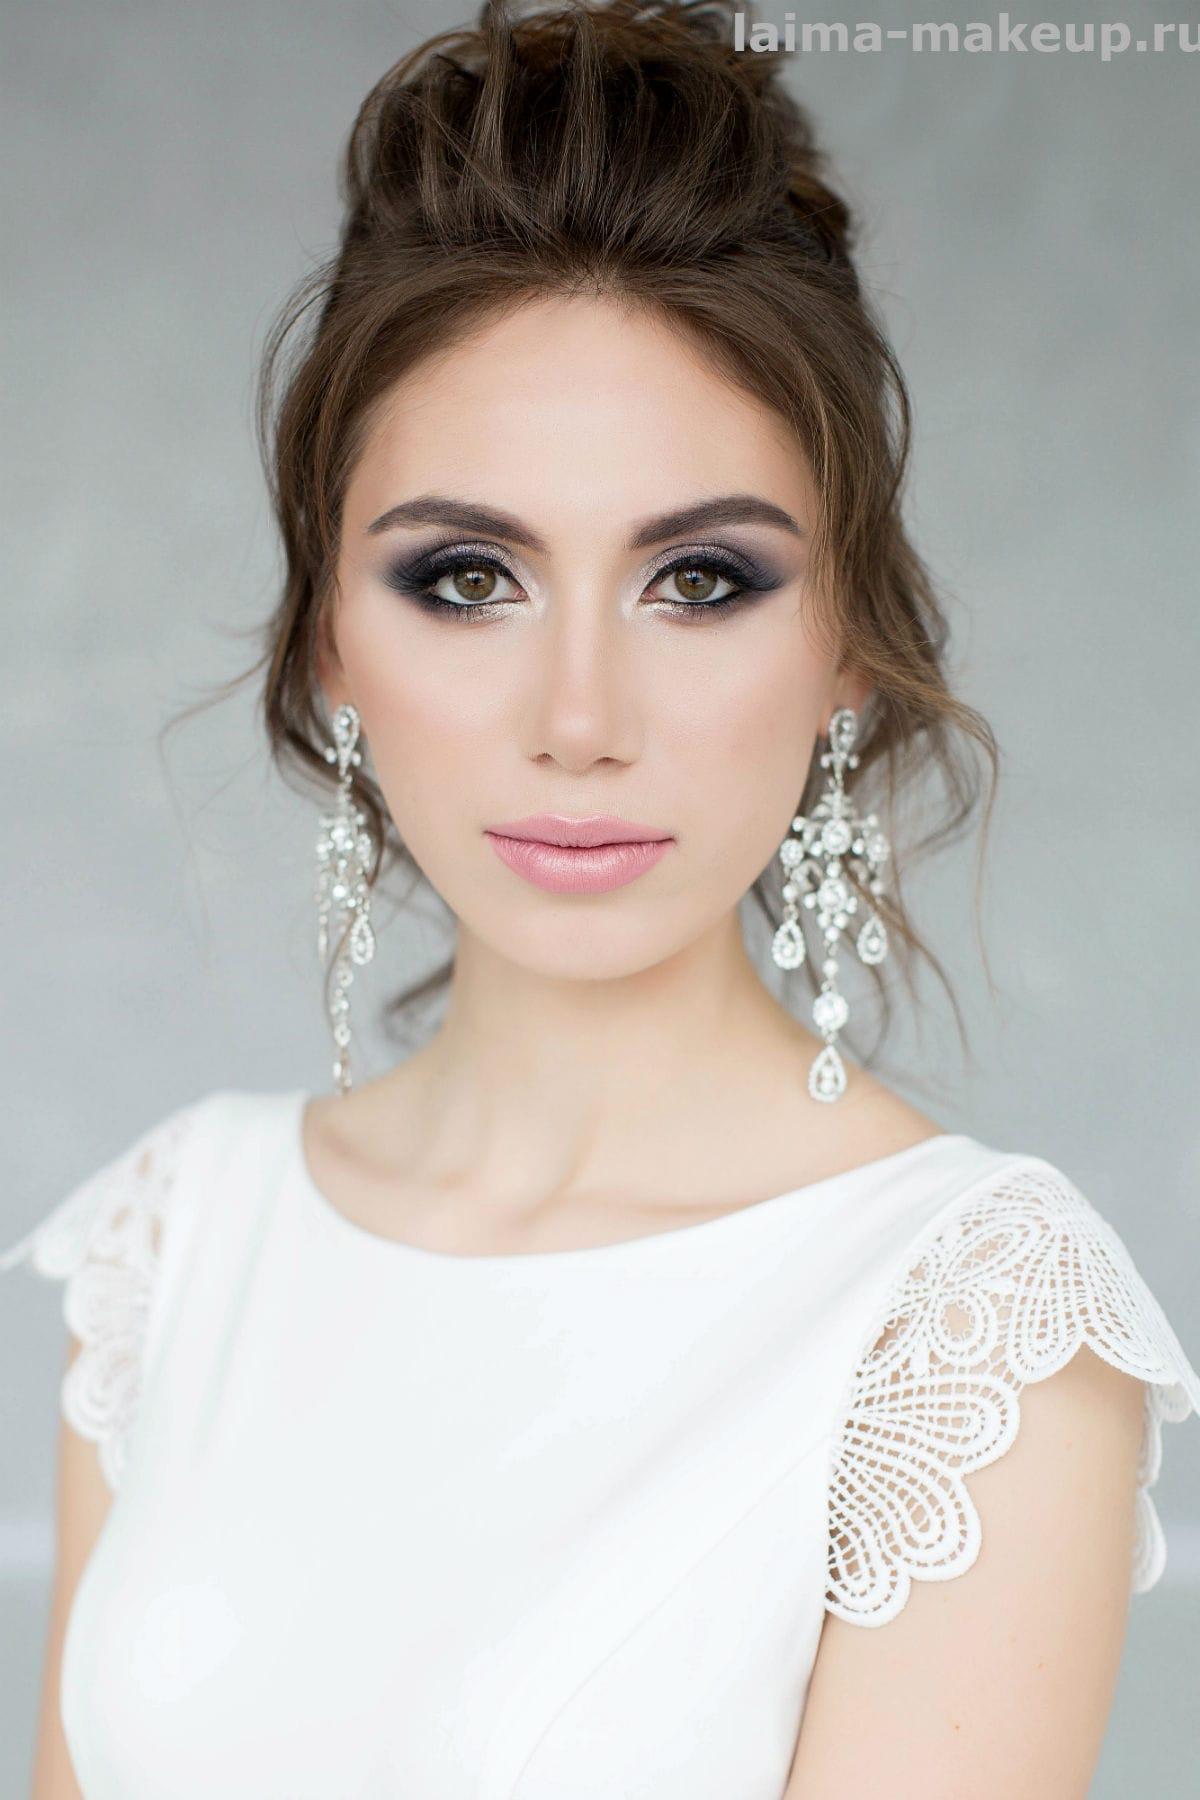 макияж в Марьино